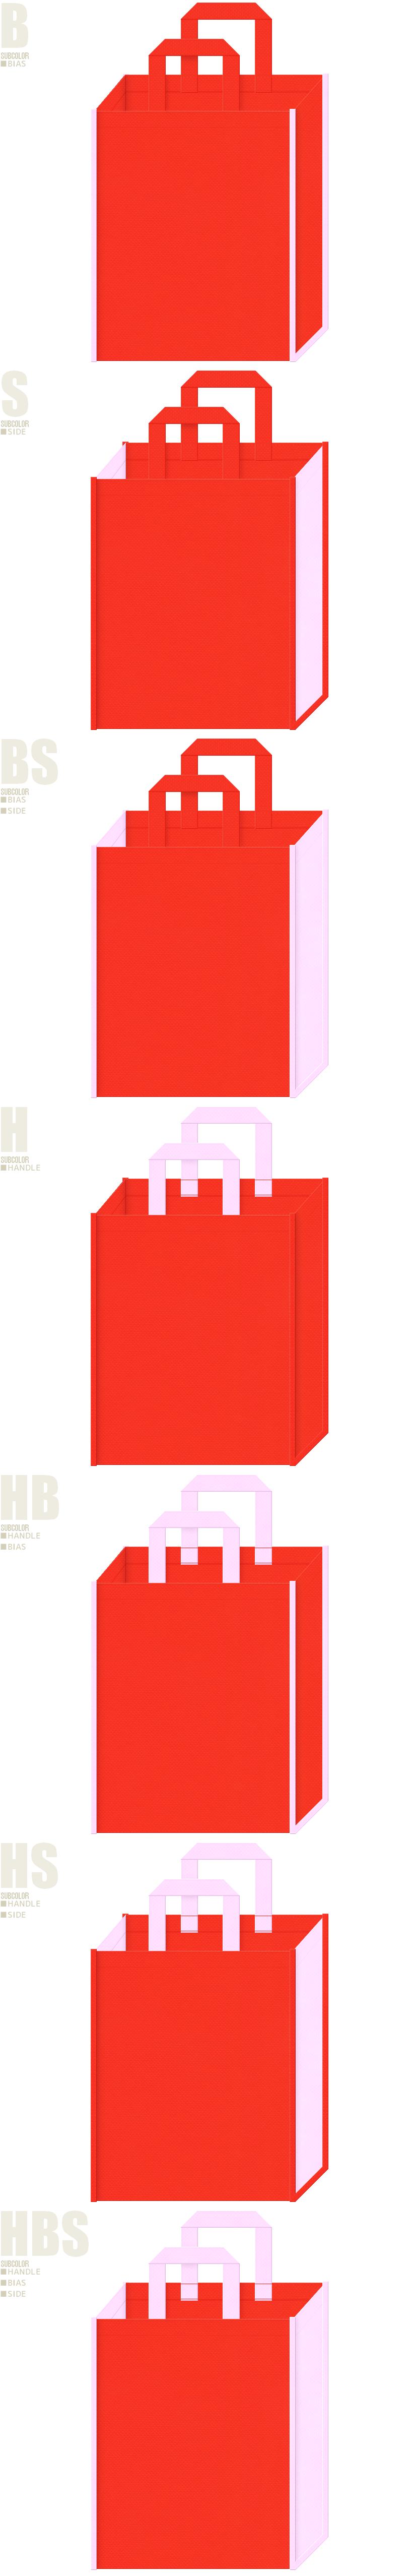 不織布バッグのデザイン:オレンジ色と明るいピンク色の配色7パターン